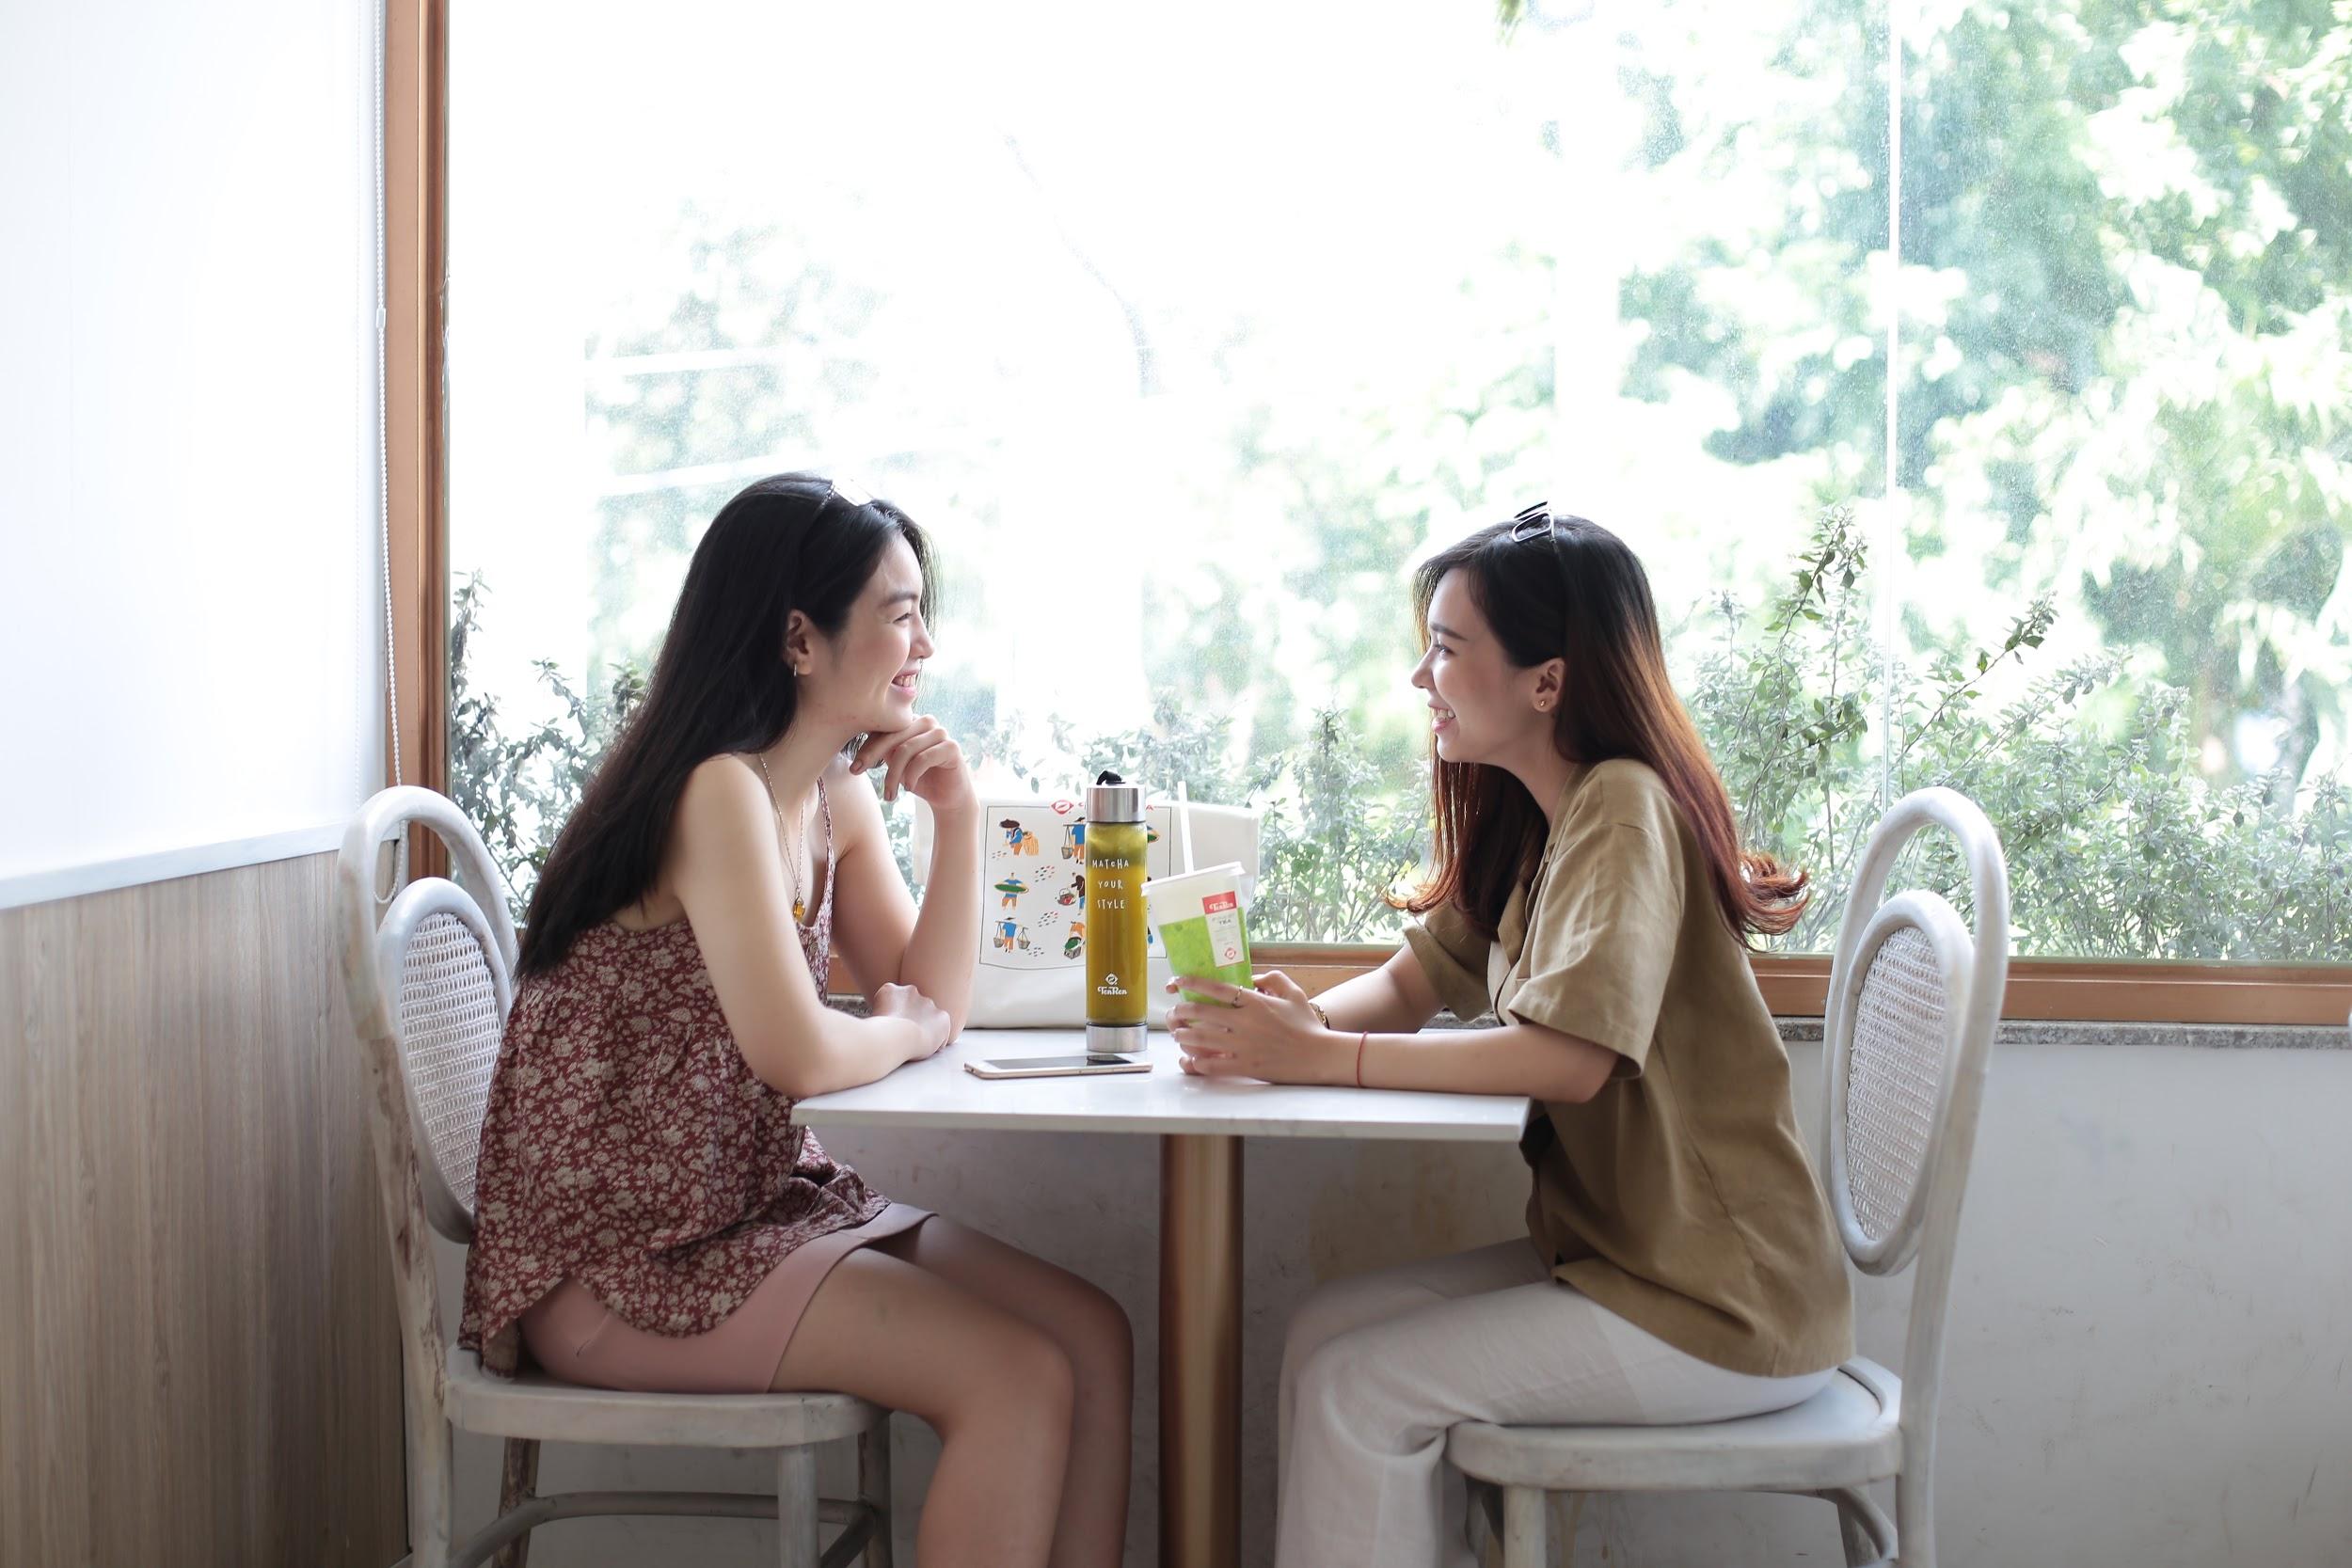 Sau gần 1 năm ra mắt, Ten Ren chính thức cán mốc 20 cửa hàng tại Việt Nam - Ảnh 6.